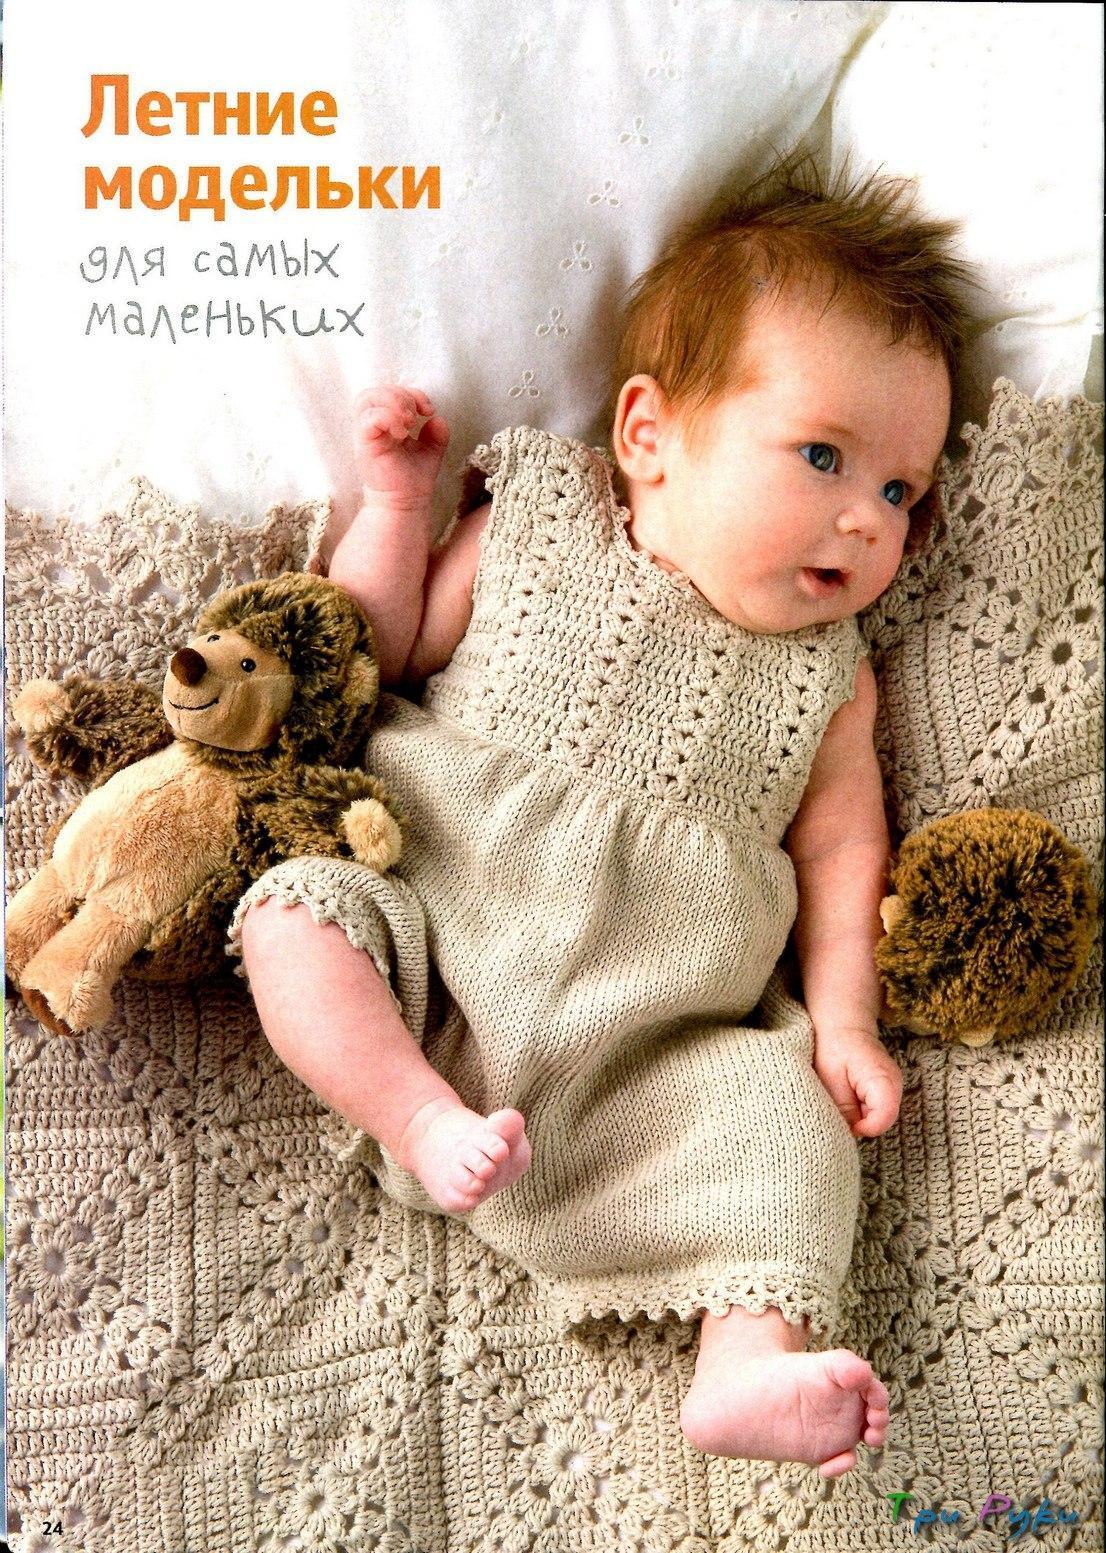 Комбинезон и плед малышу